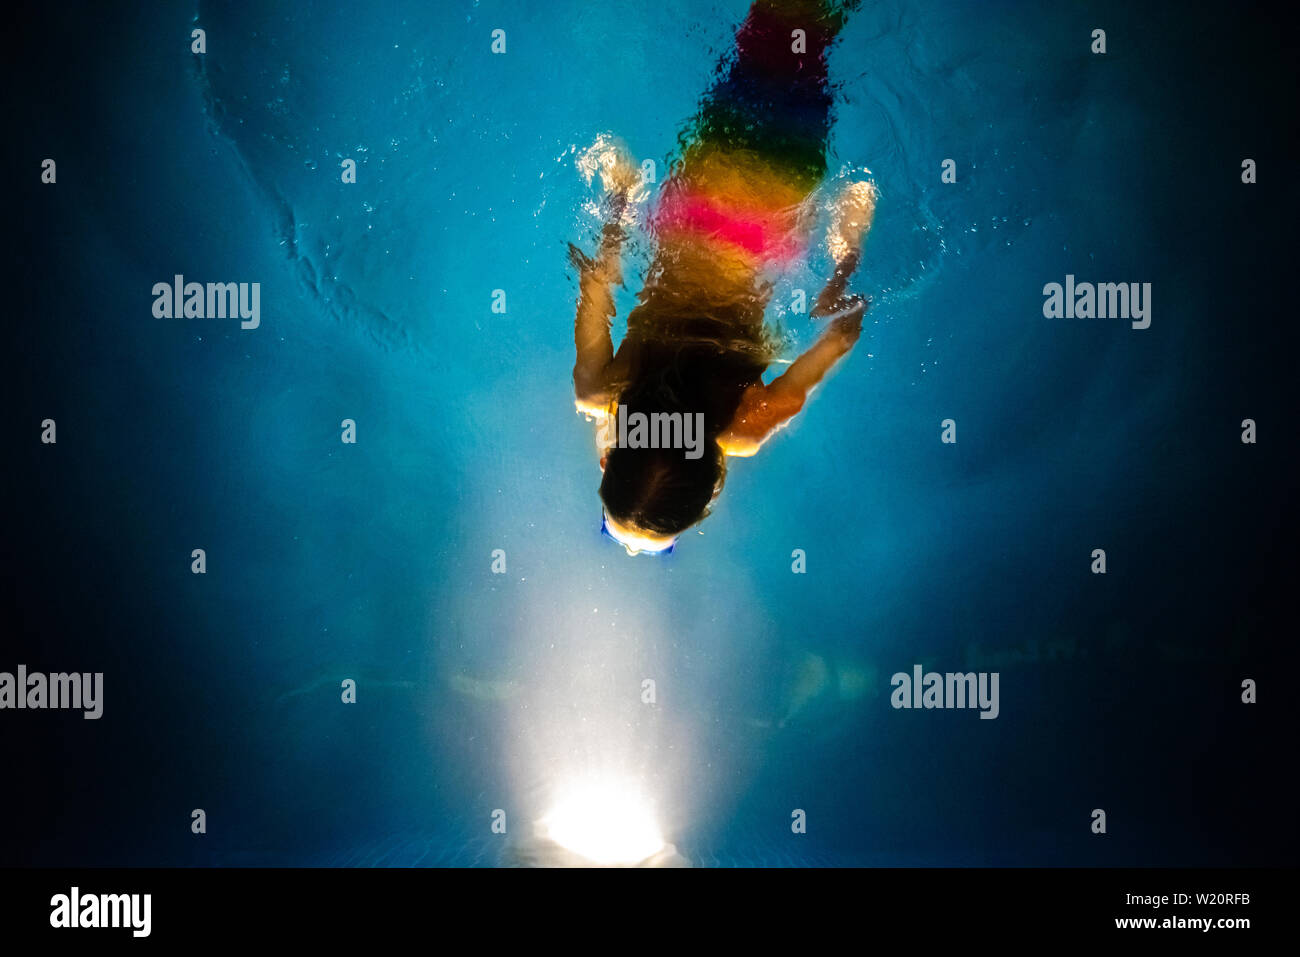 Meerjungfrau tauchen in das Licht eines blauen Pool bei Nacht, mit einem traumhaften Hintergrund der Phantasie und der Träume. Stockfoto